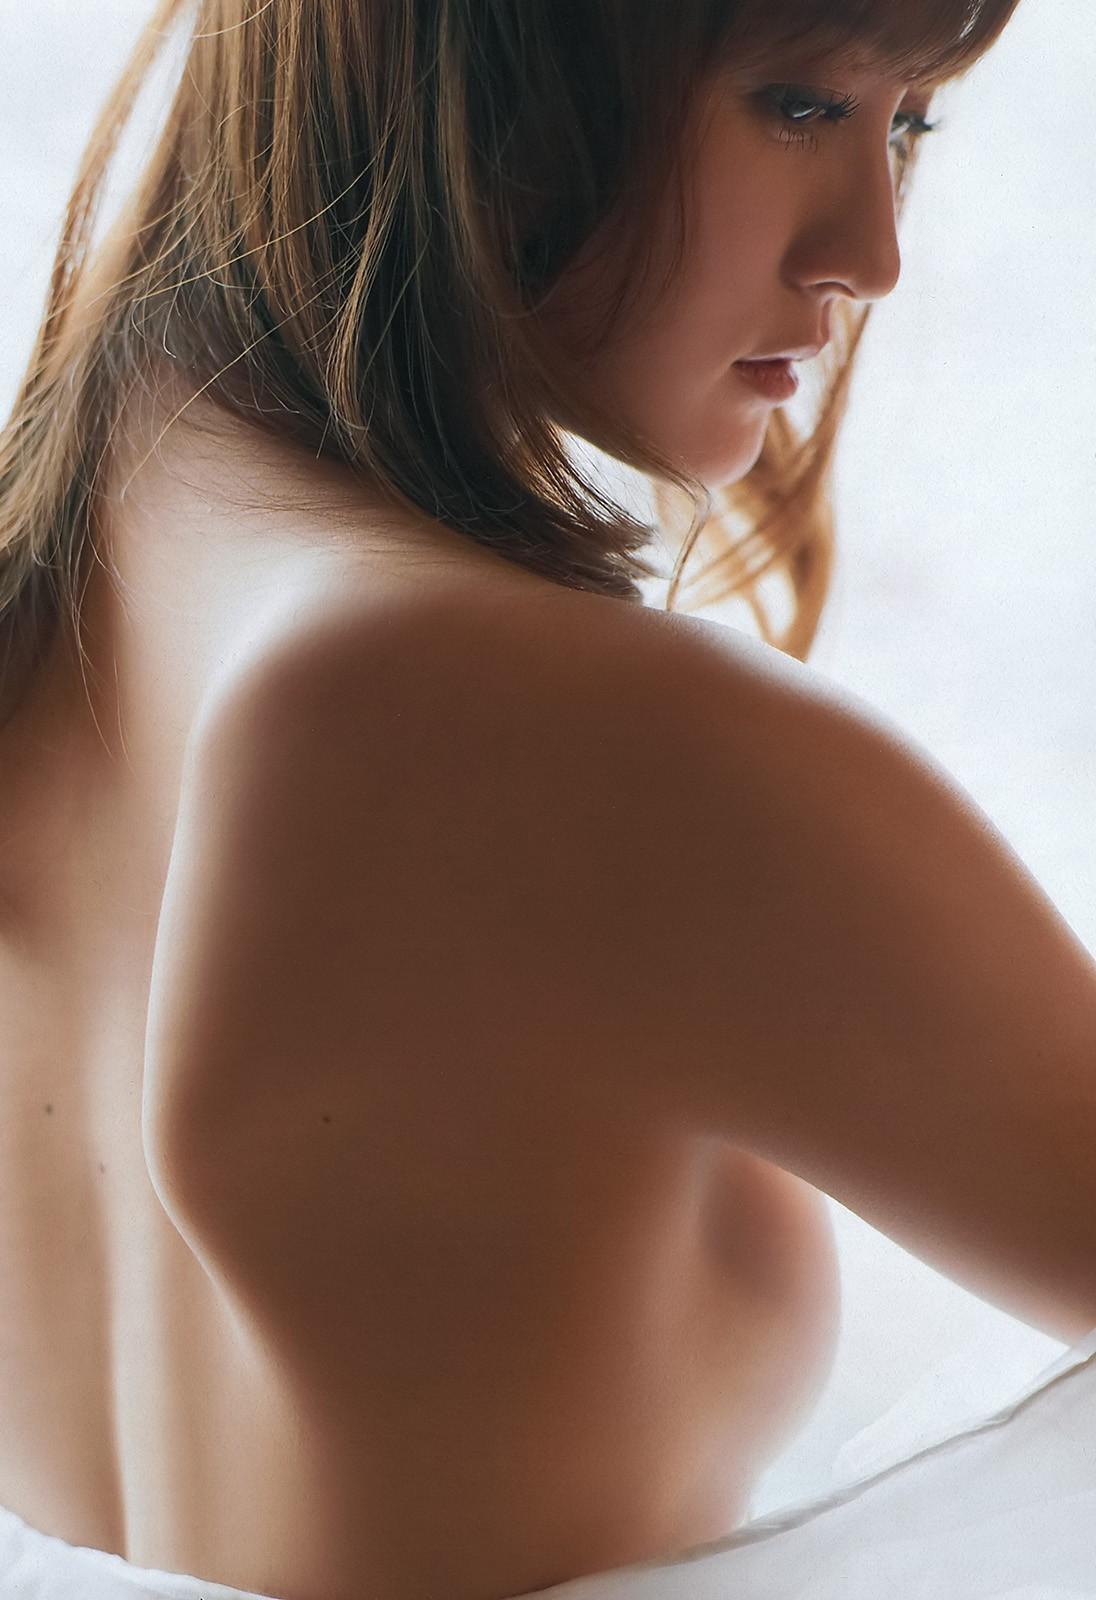 【背中美人エロ画像】後ろ向きでも見えたら巨乳w背中越しに確認できるおっぱいwww 27